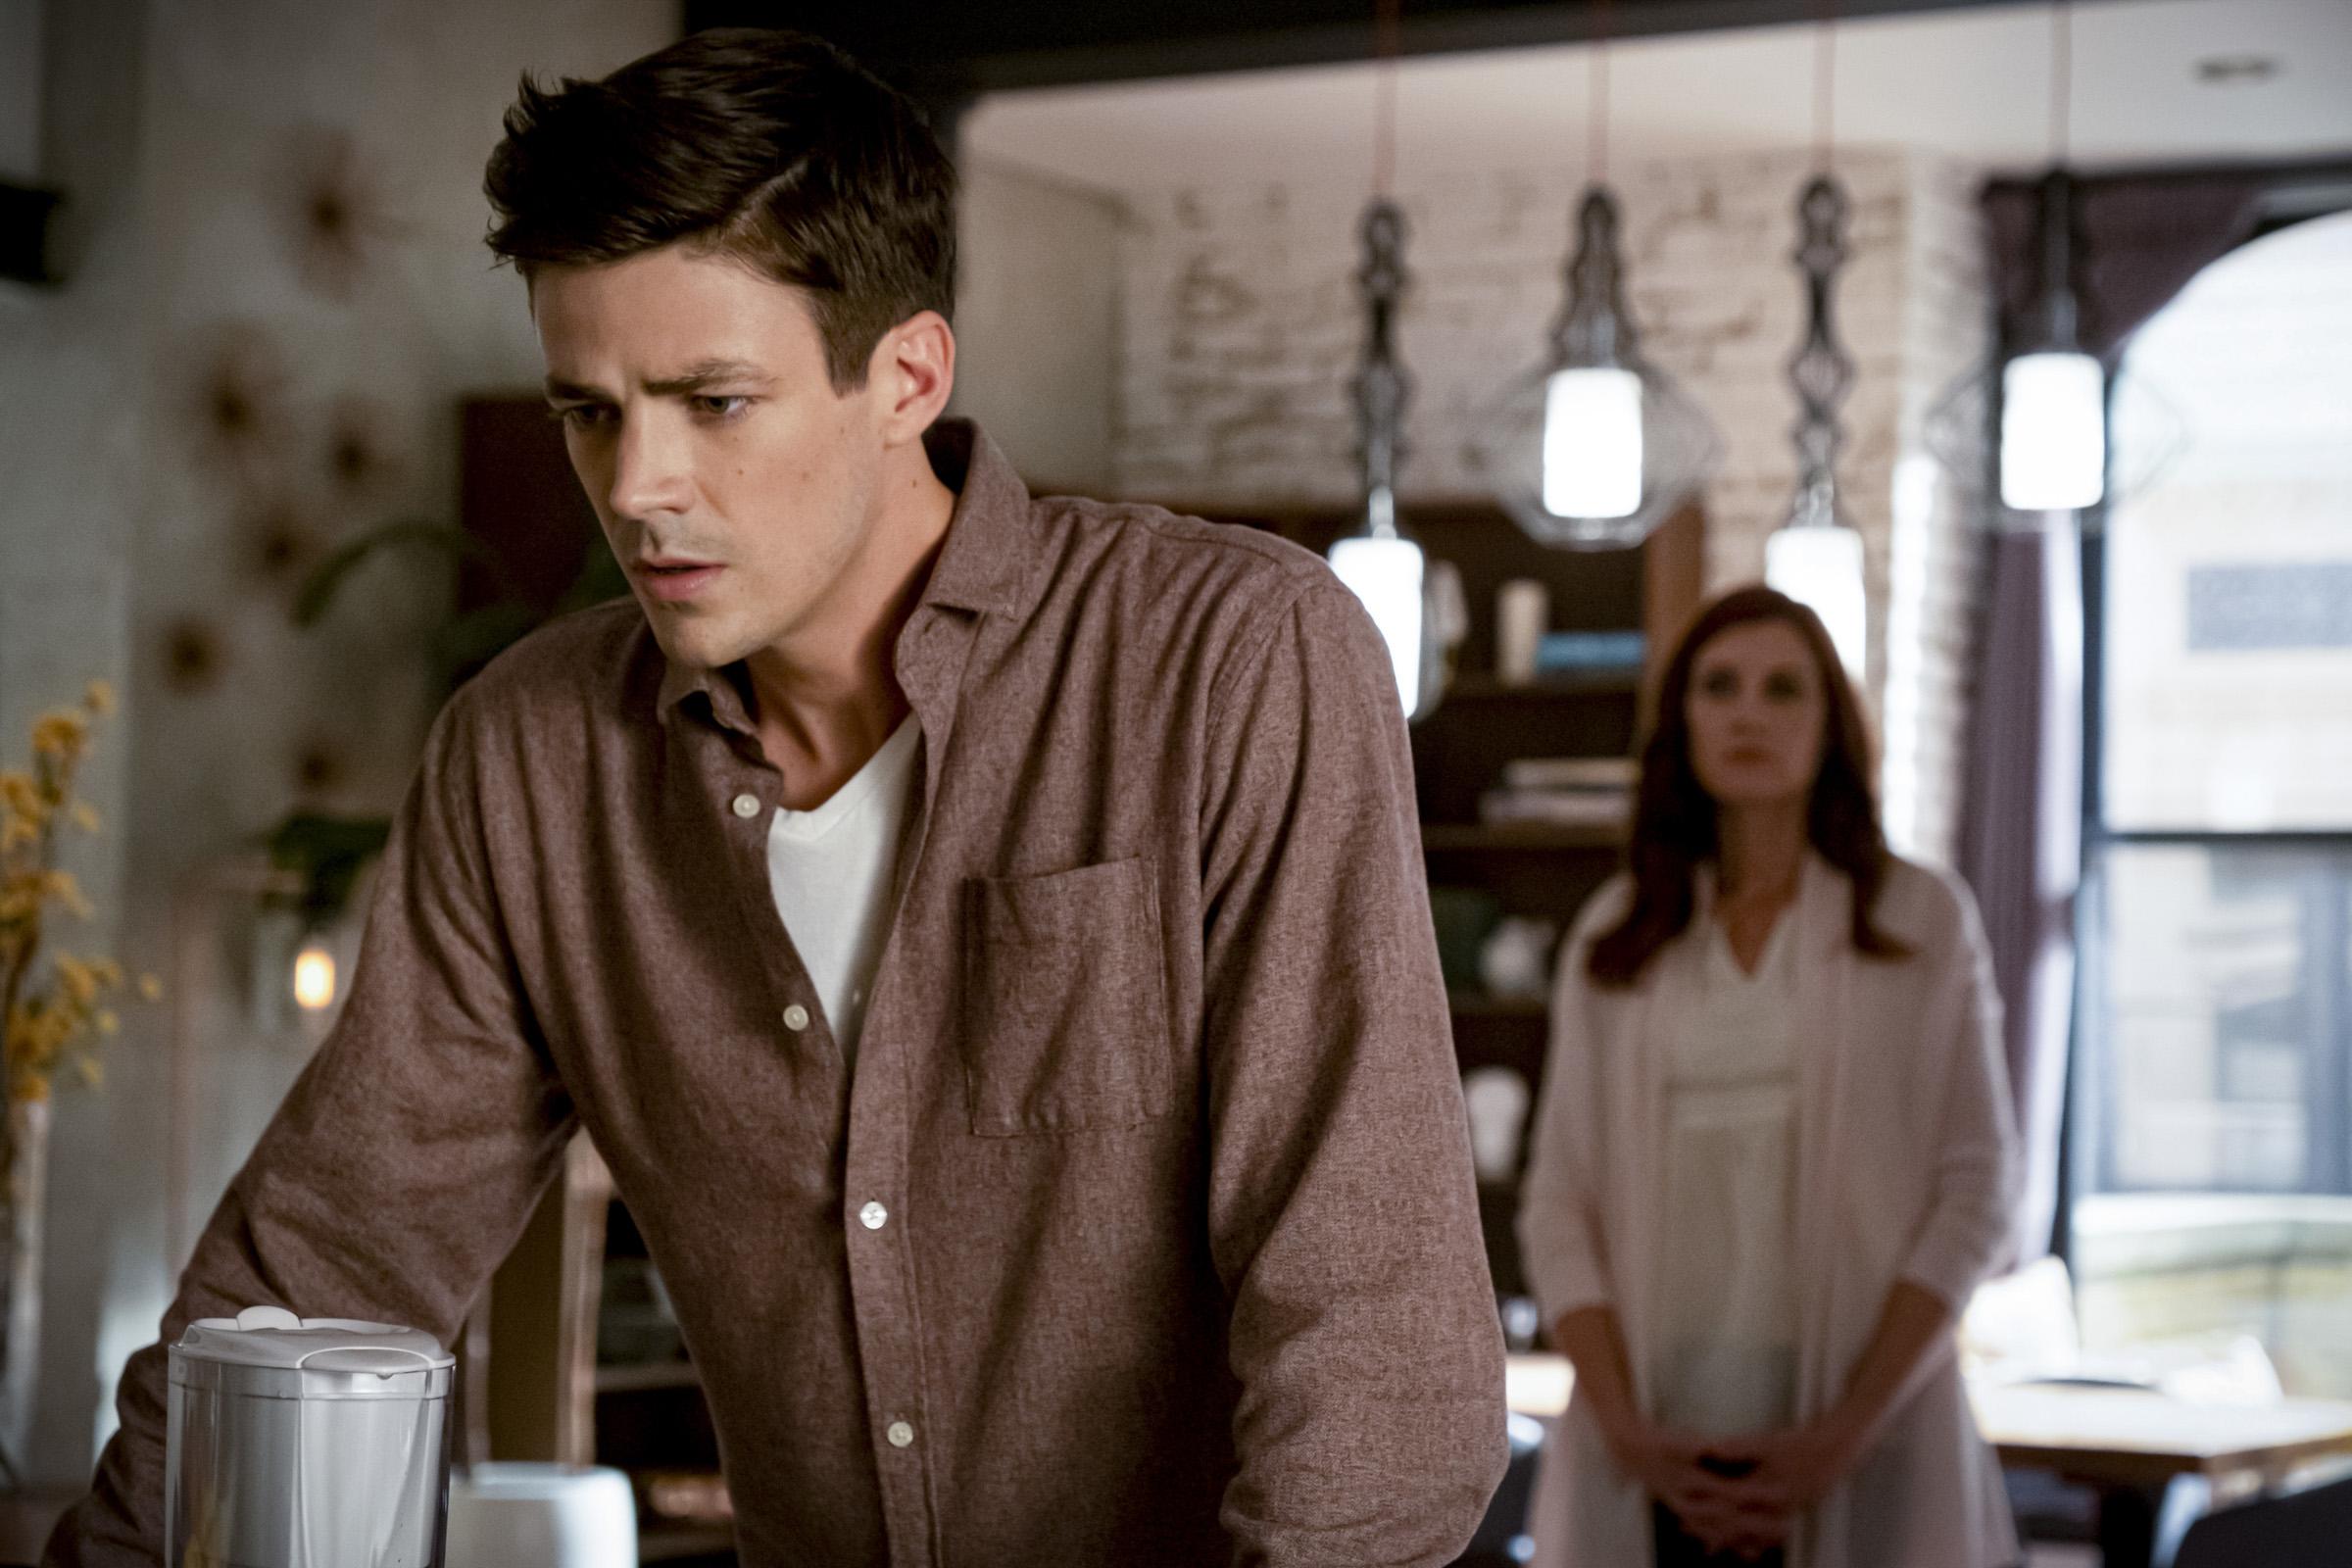 The Flash: infectado, Barry toma decisão ousada no episódio 6x07 (Spoilers)